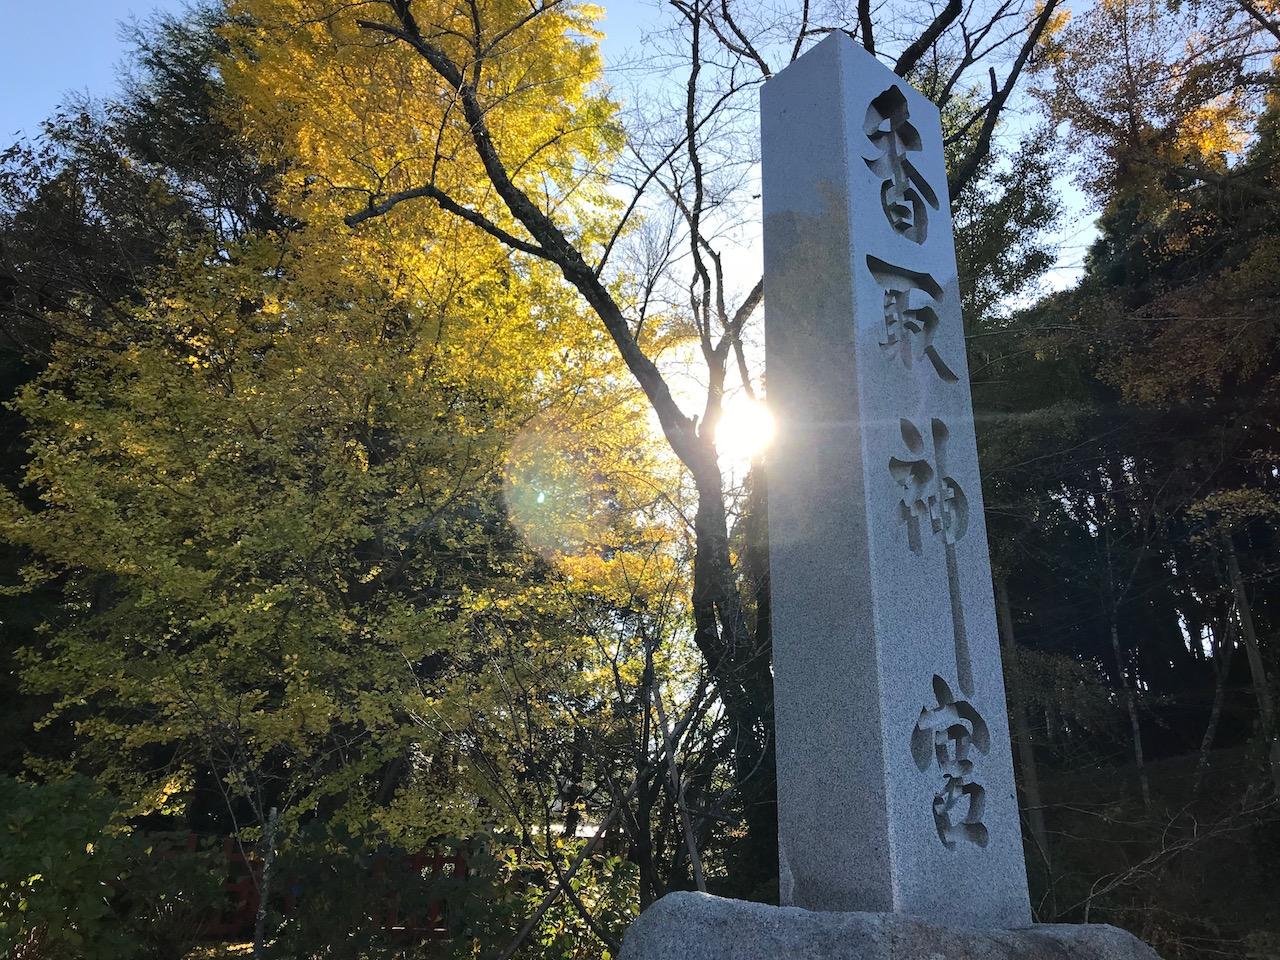 鹿島神宮、香取神宮、猿田神宮、鎌数伊勢大神宮、御中主神社の関東五ヶ所の神社に参拝したお話